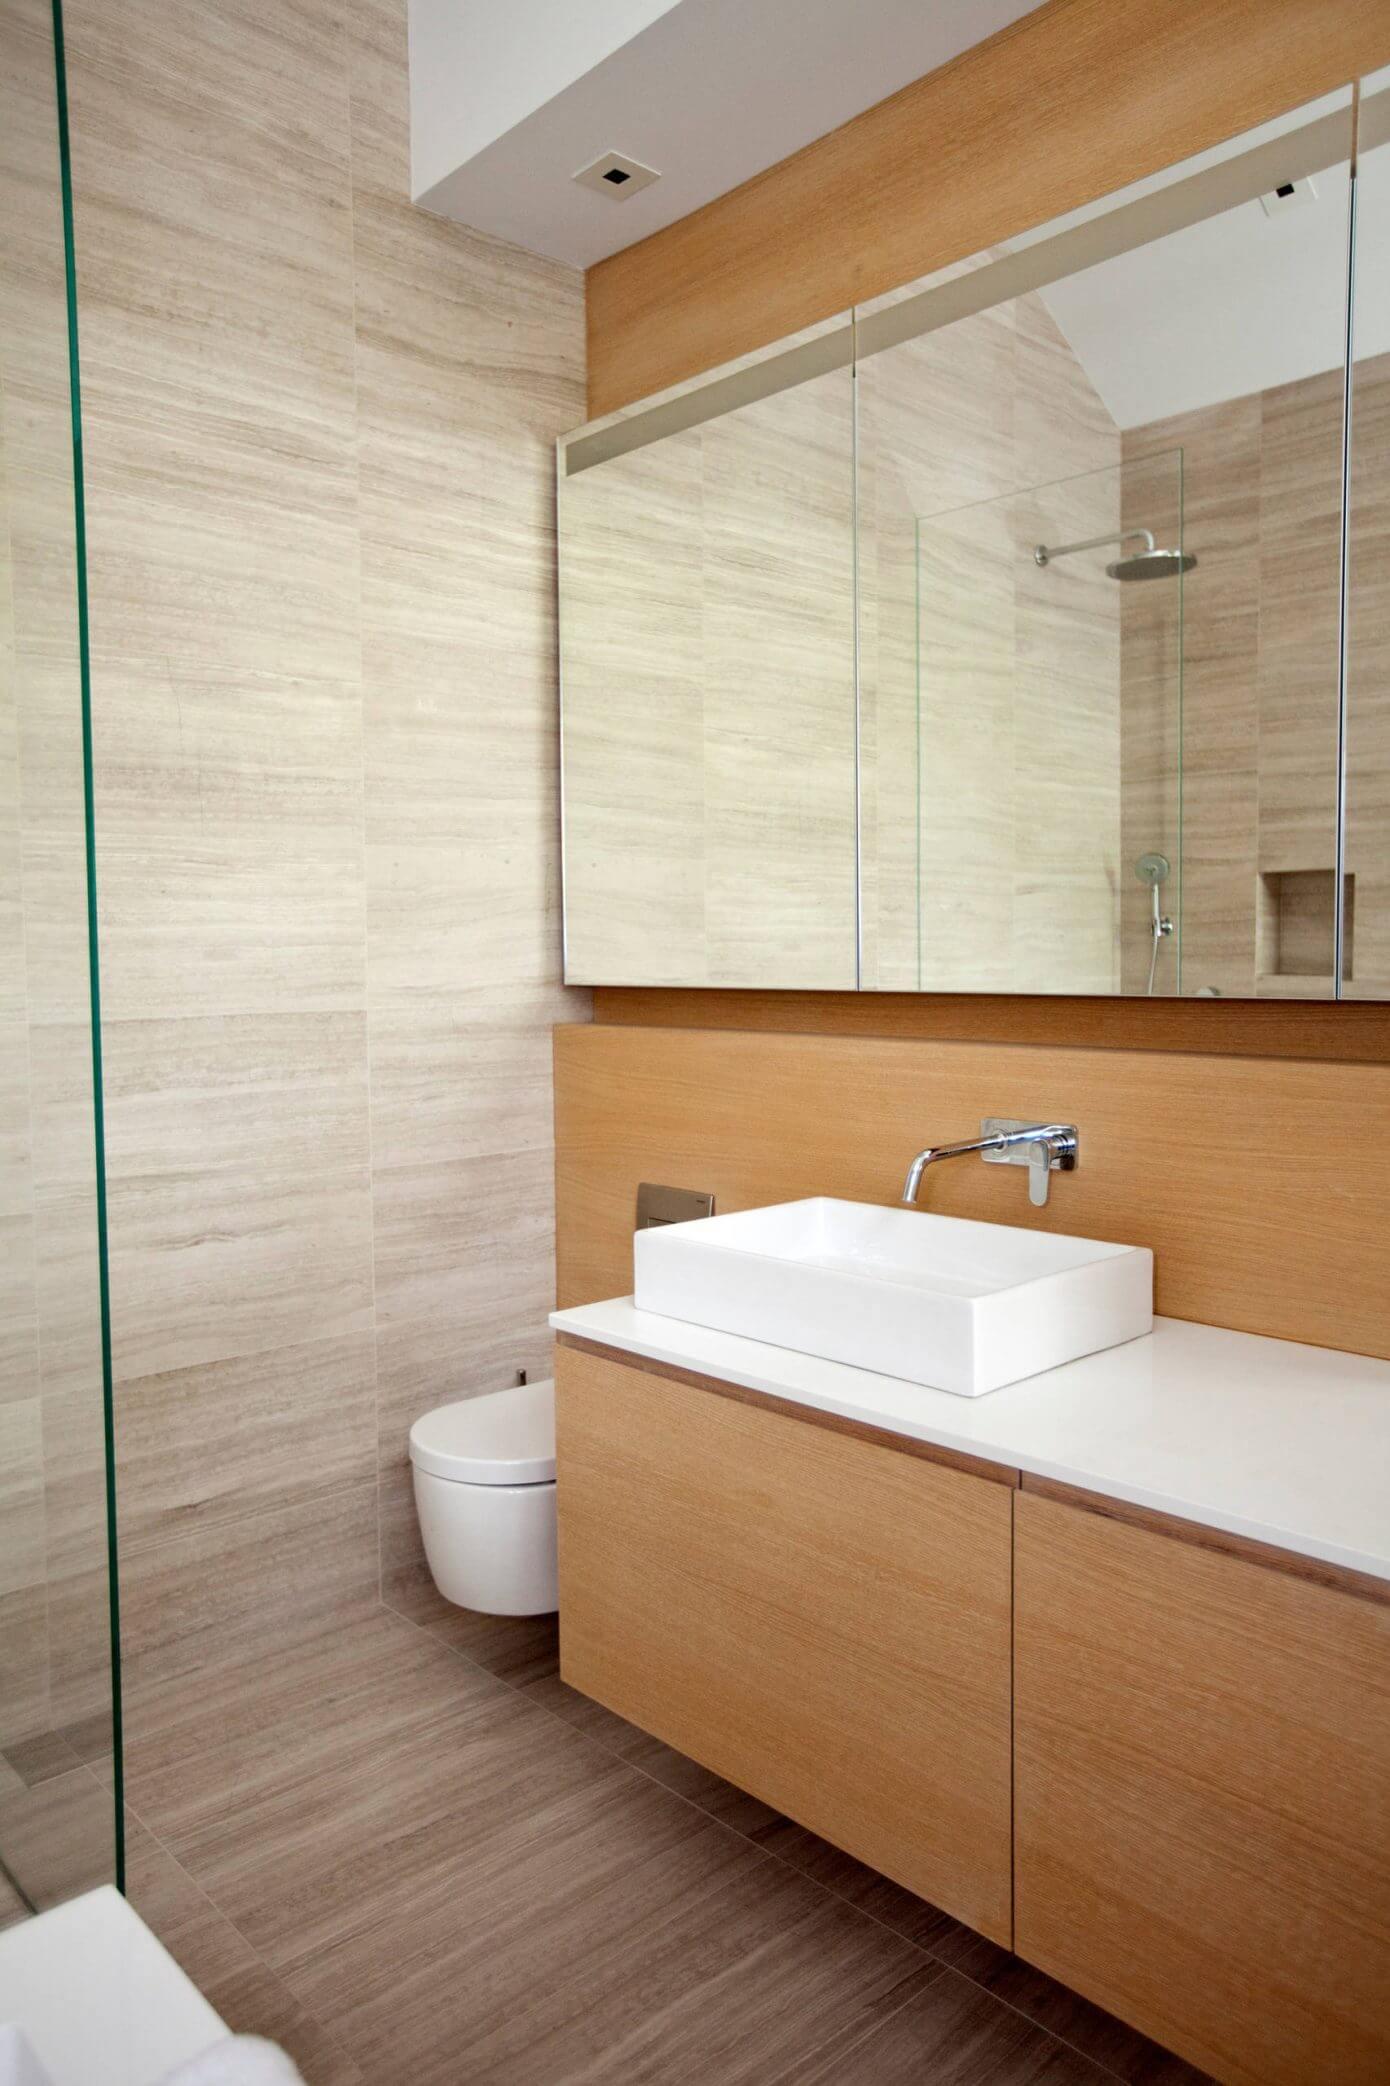 013 Whistler Residence Evoke International Design 171 Homeadore